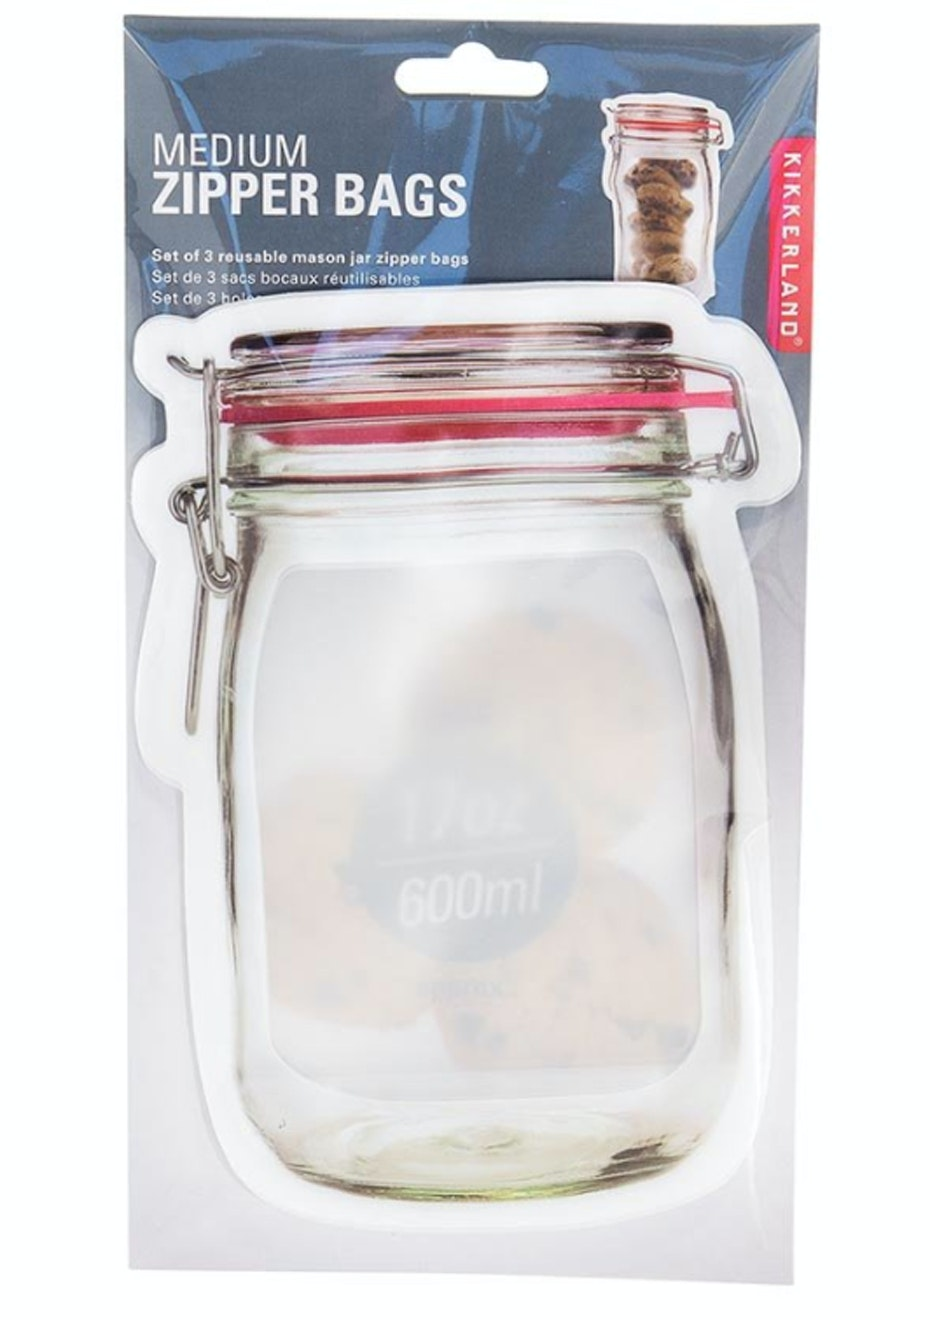 Zipper Bags - Medium - Set of 3